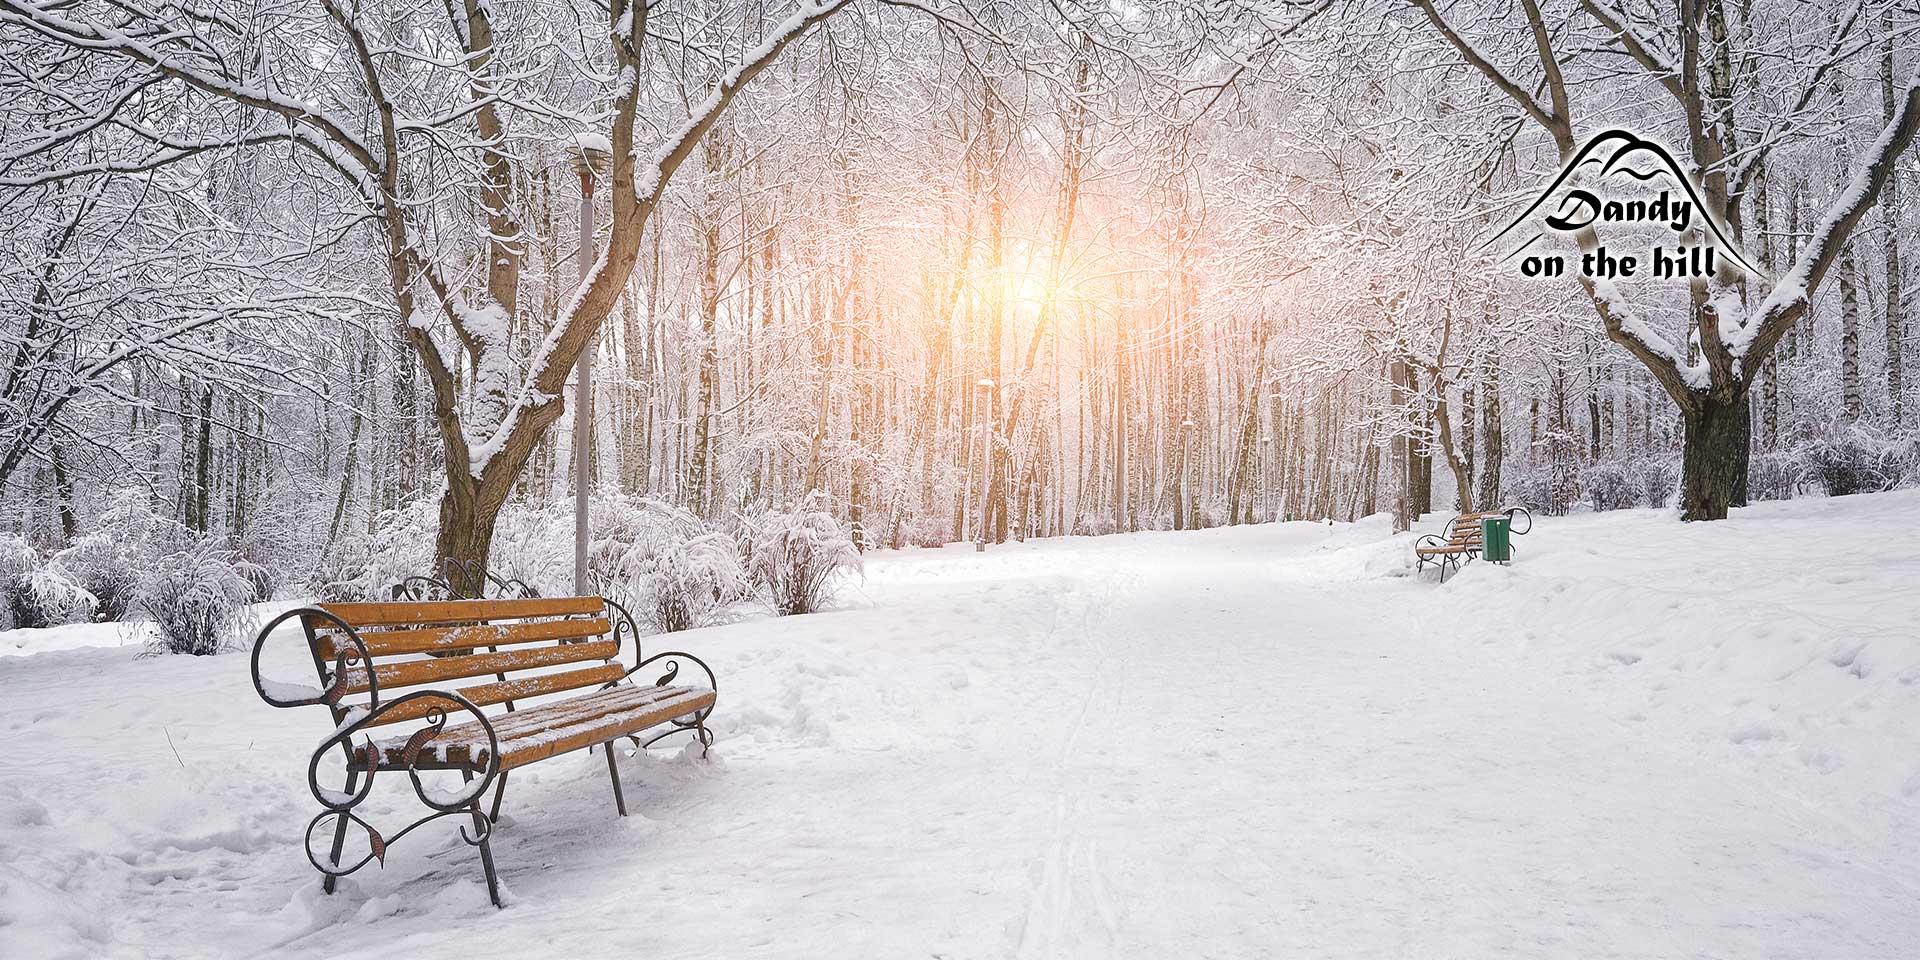 winter-dandy